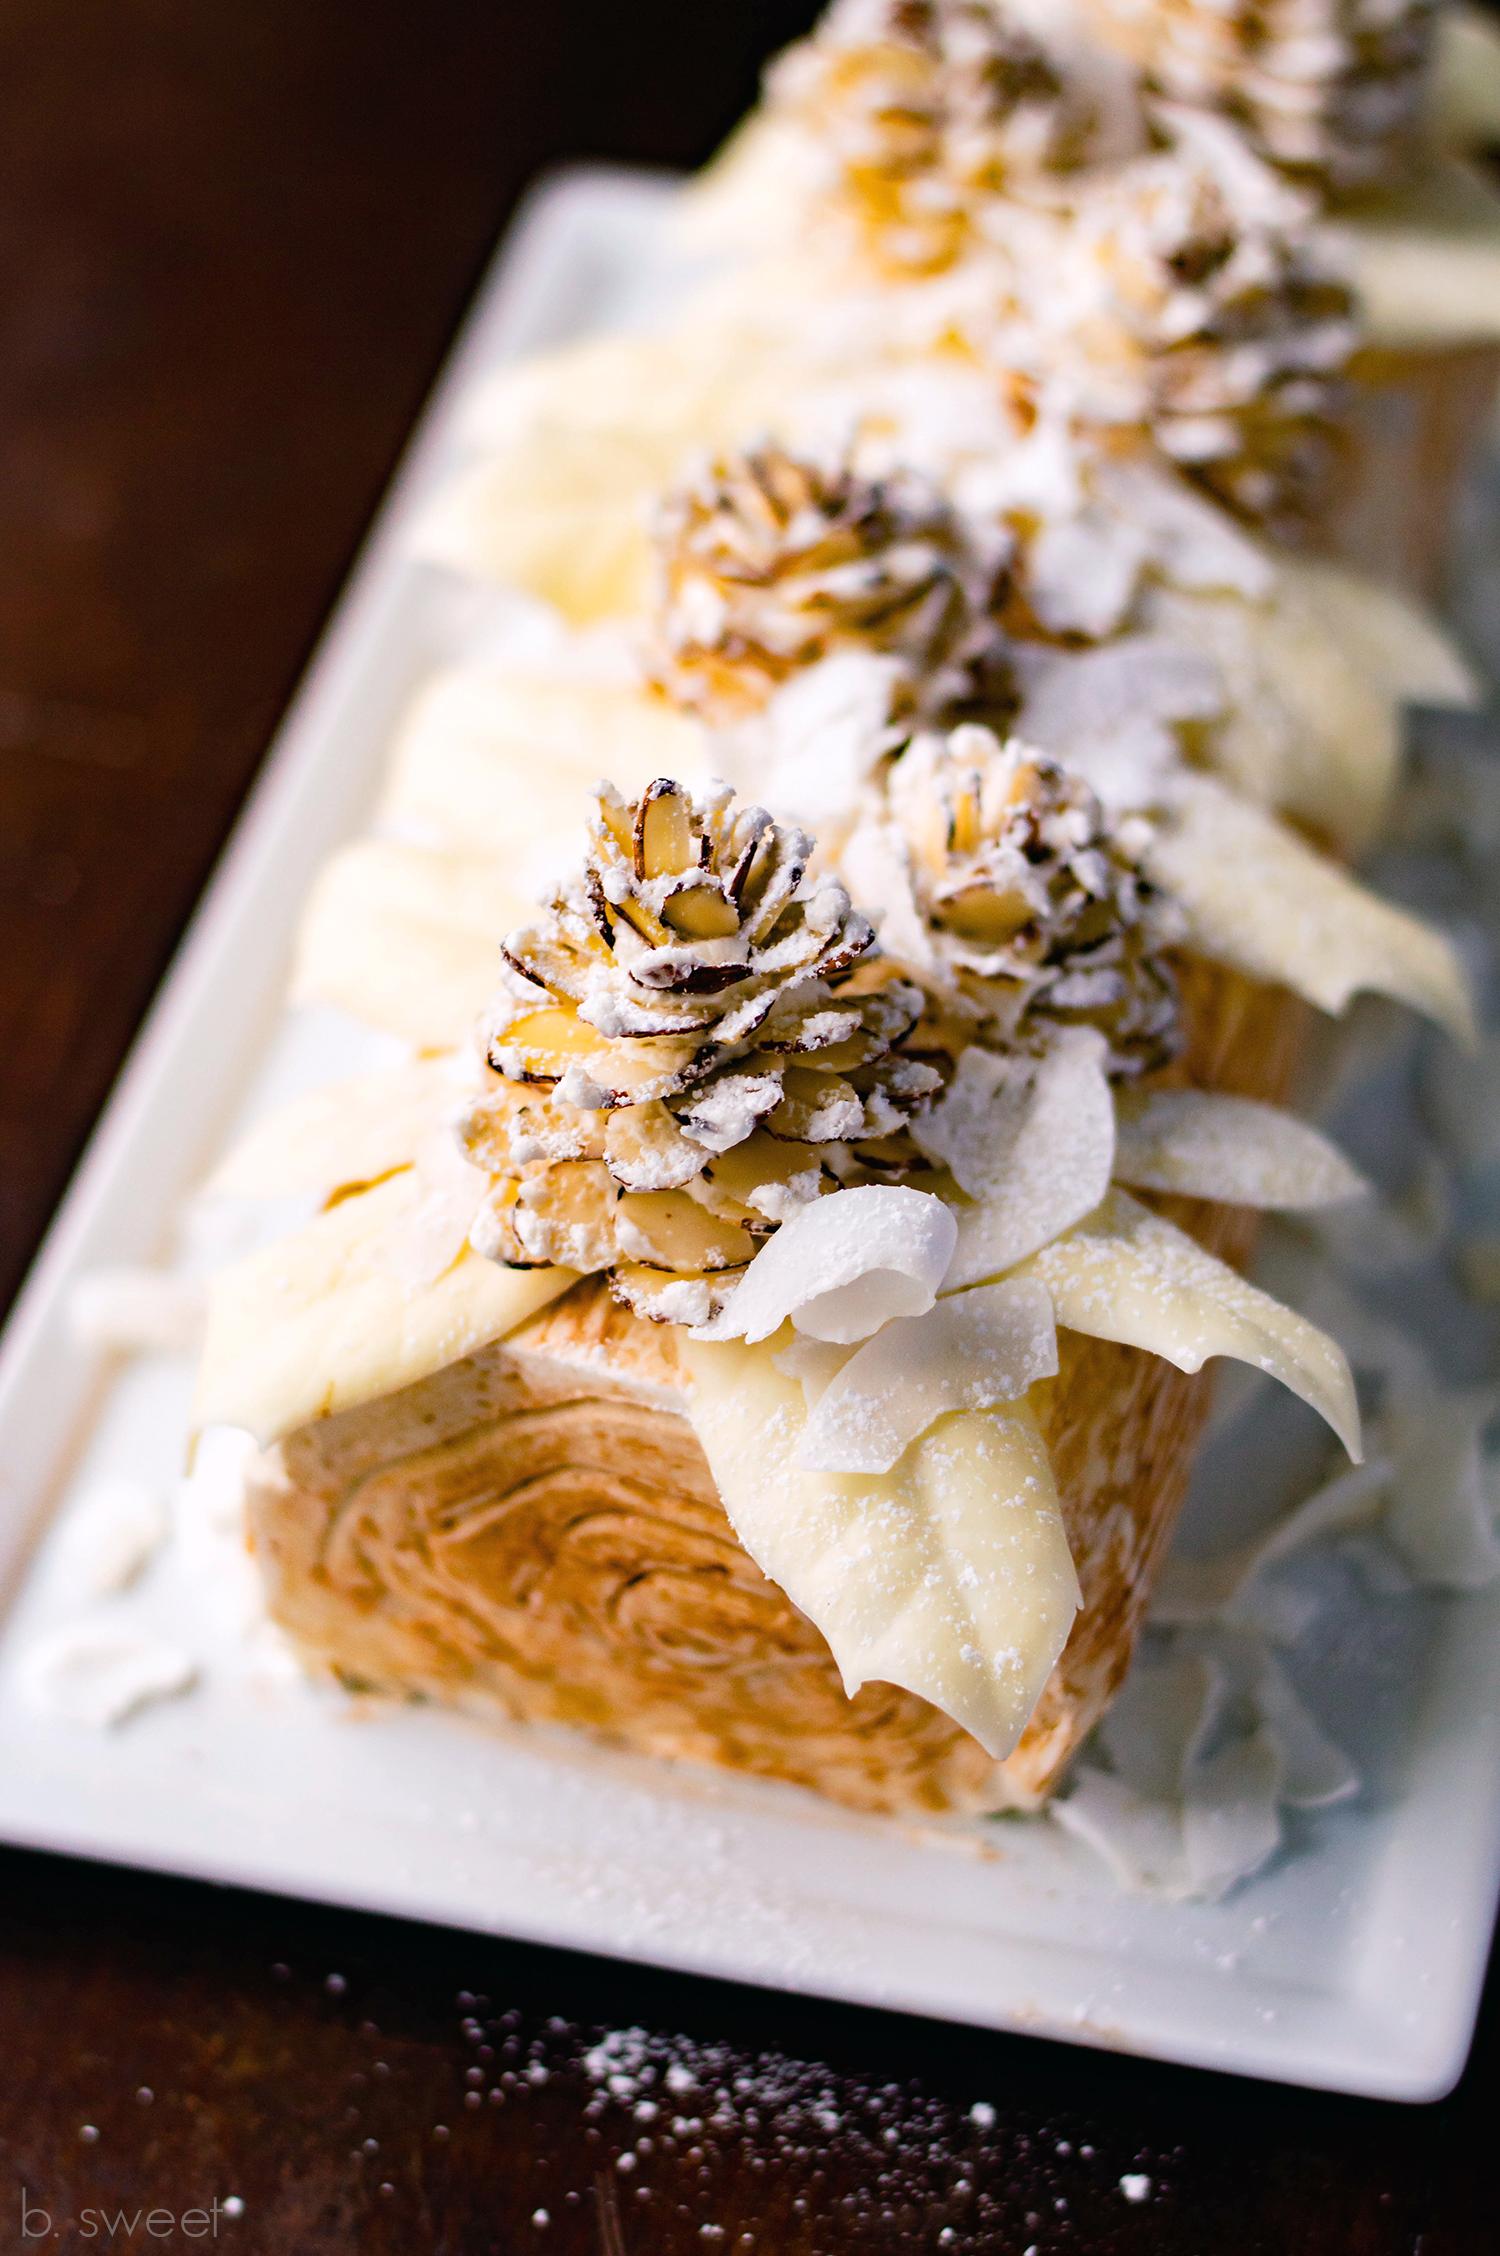 Winter White Yule Log - b. sweet